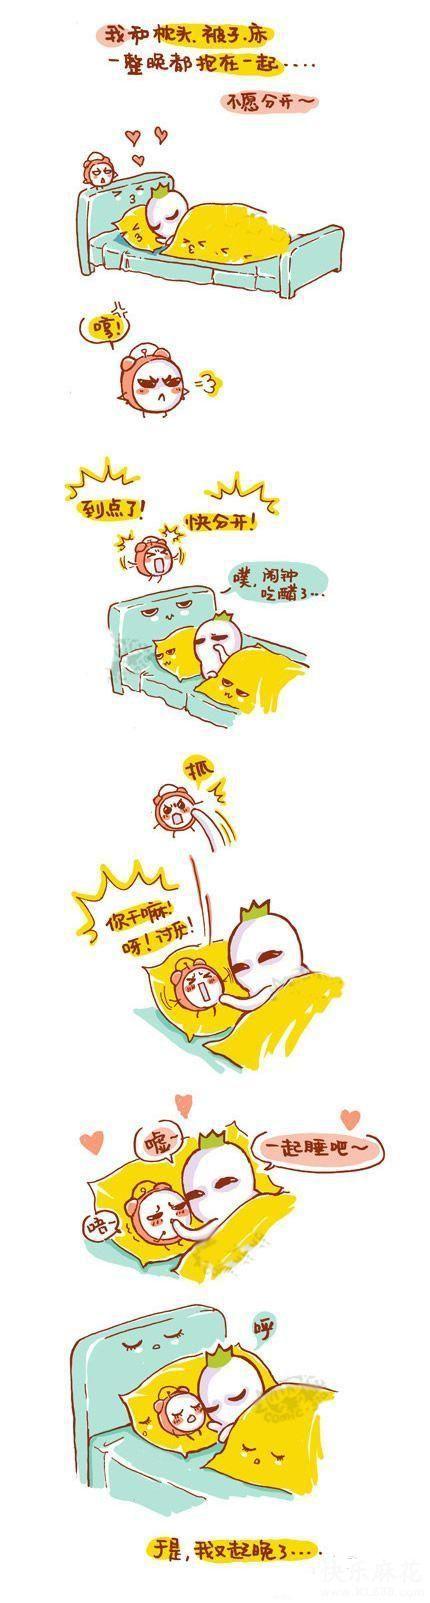 嘘,一起睡吧